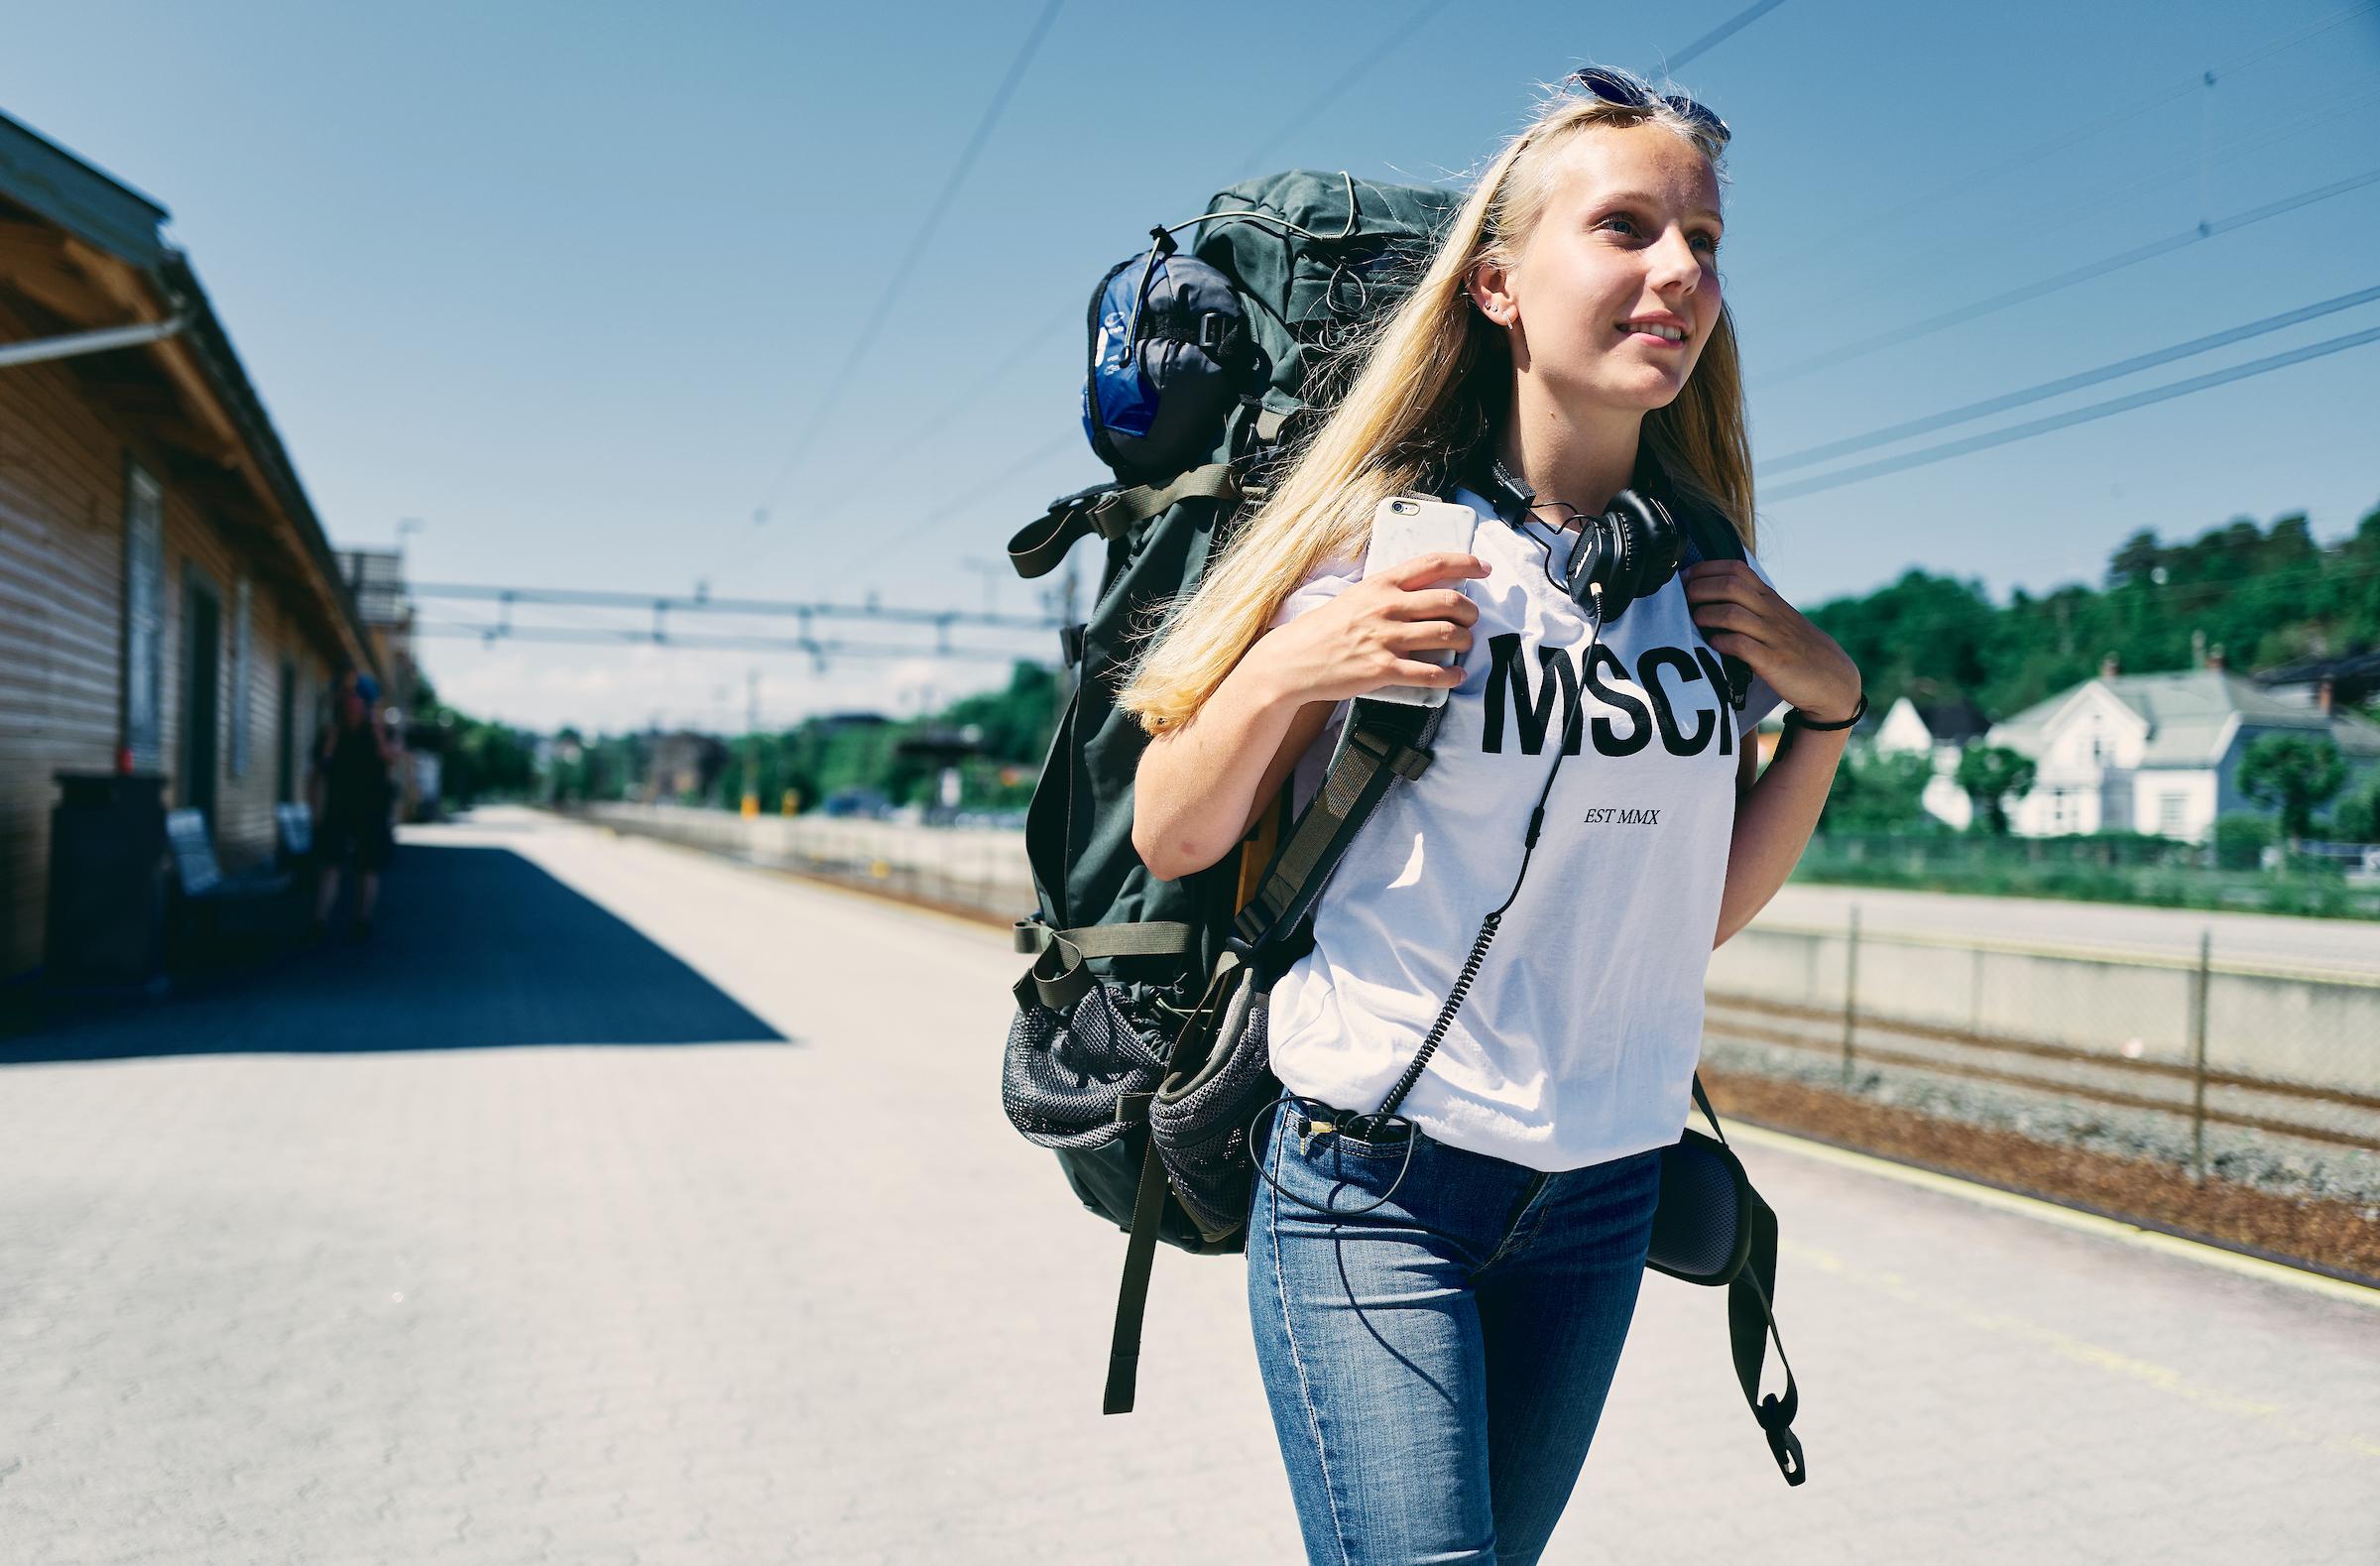 Ung kvinne med ryggsekk på jernbaneplattform